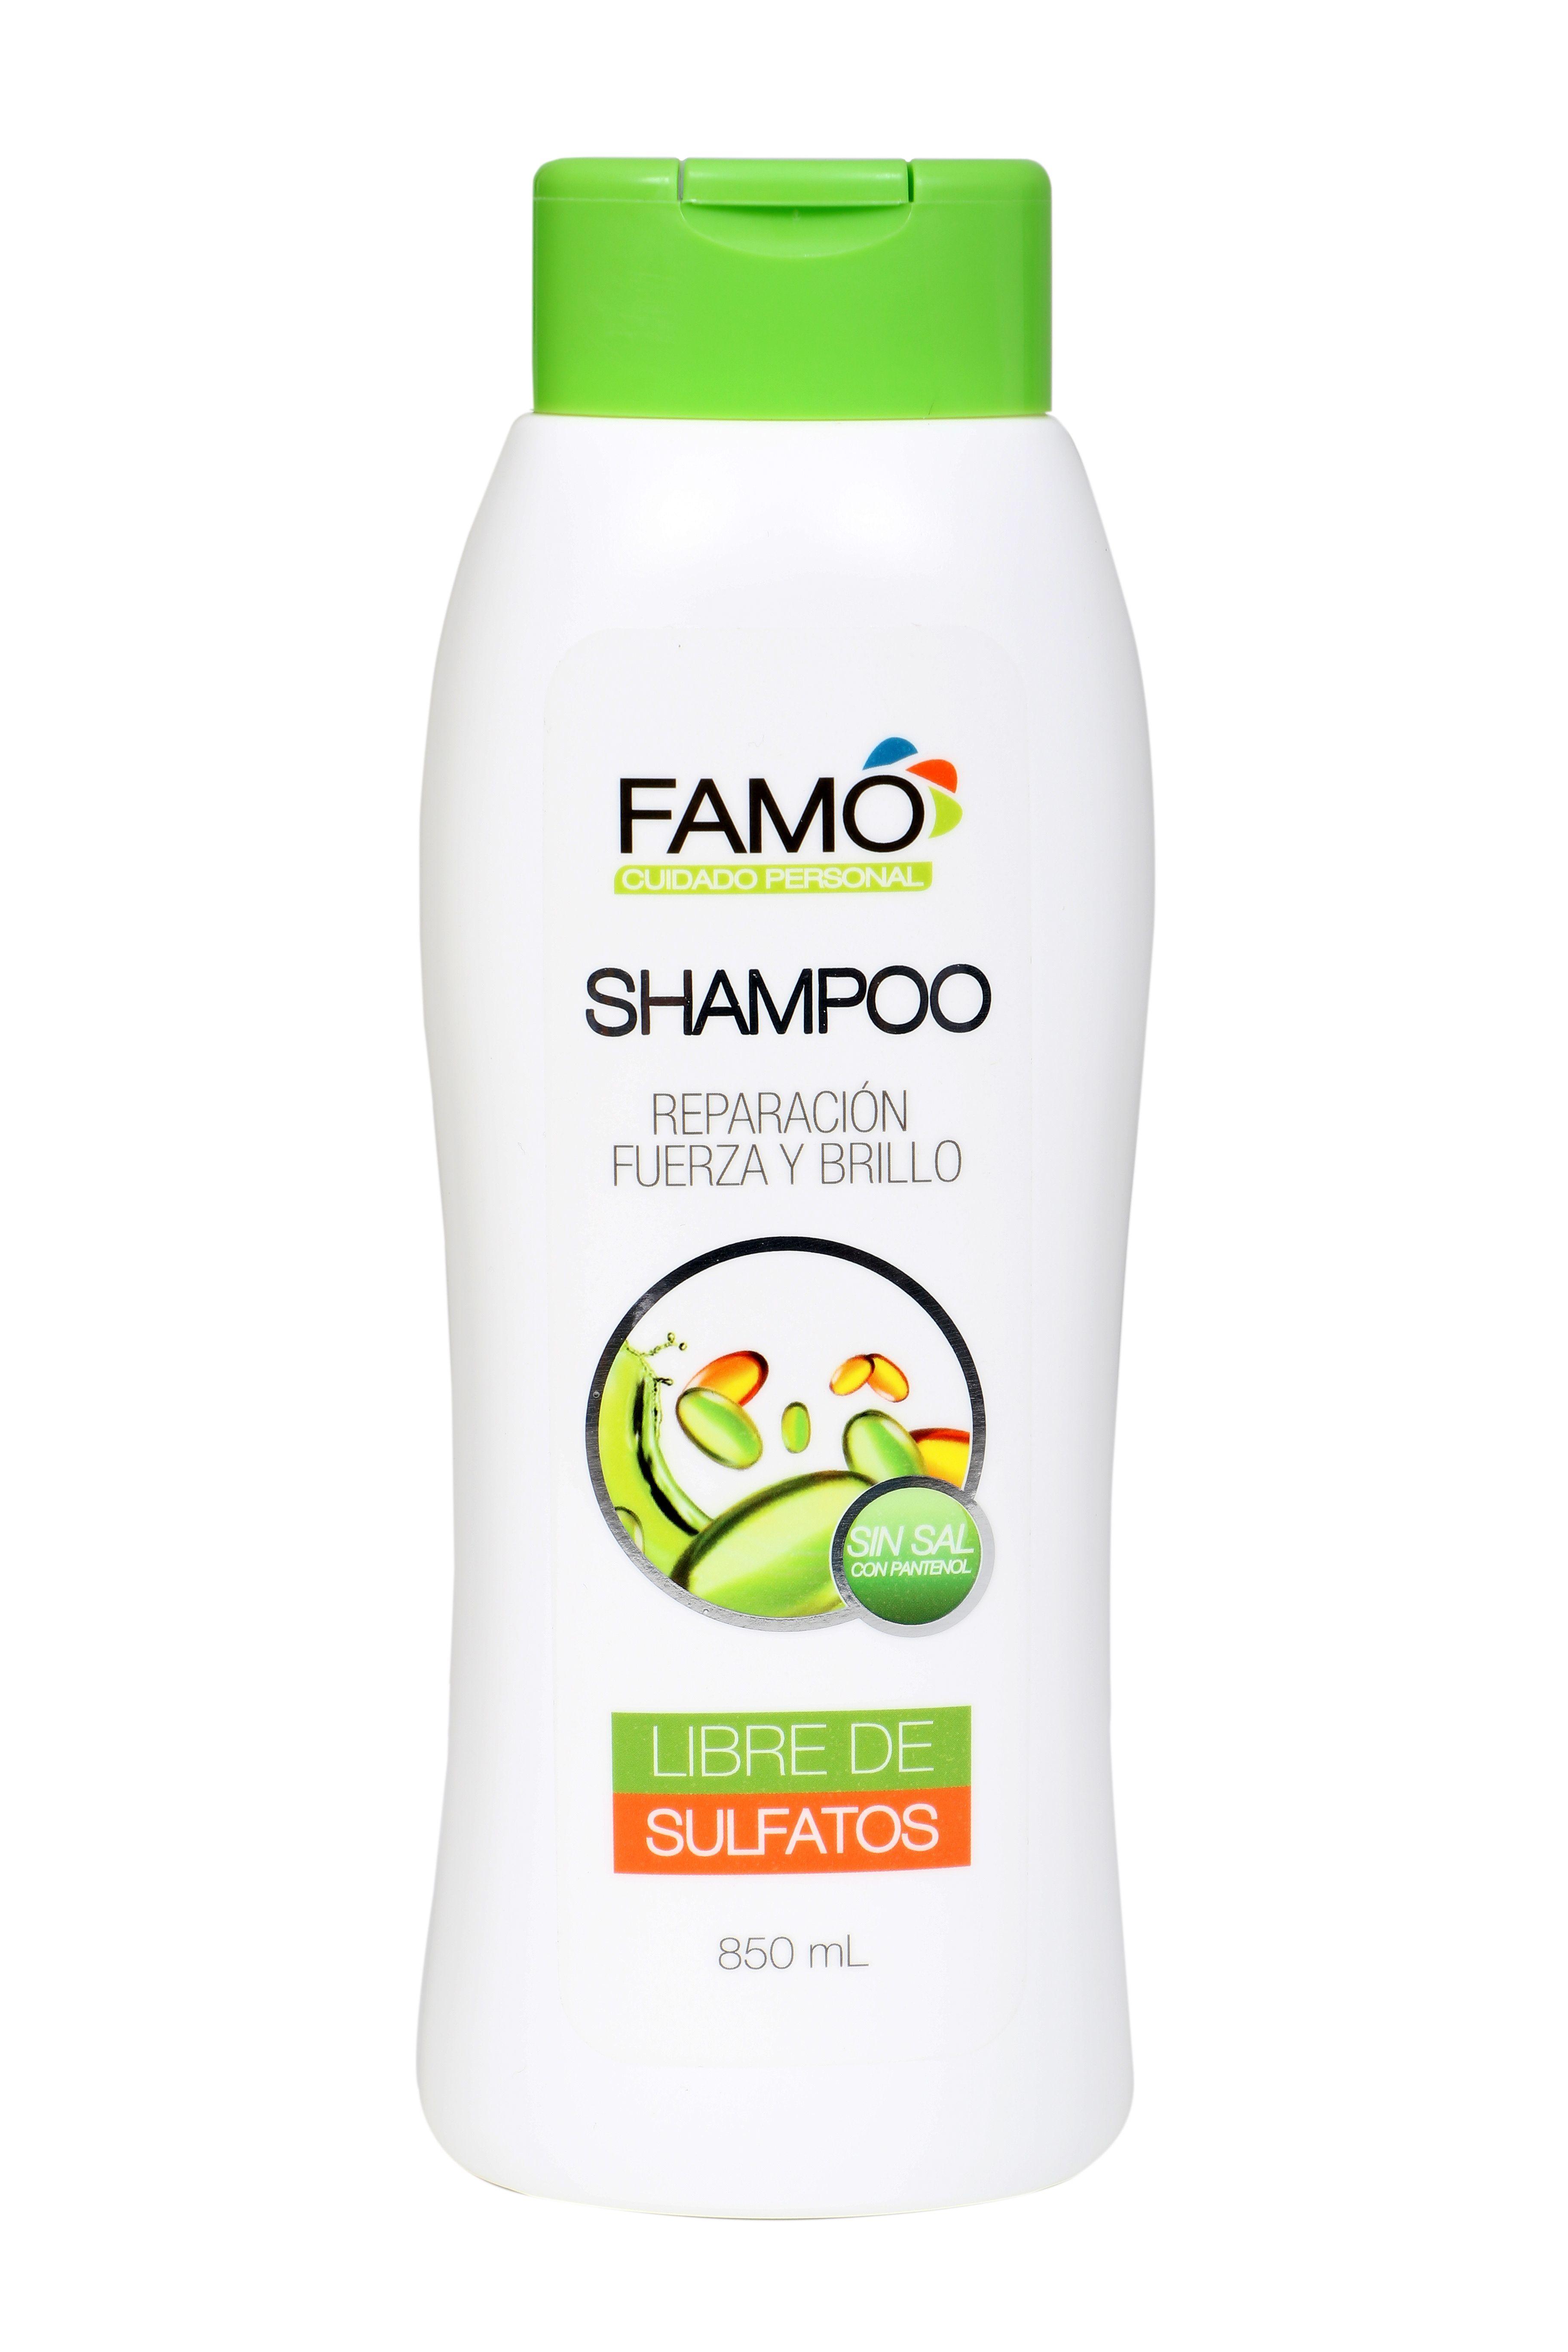 Sabíasque Famo Cuenta Con El Nuevo Shampoo Con Pantenol Para La Reparación Del Cabello Que Le Brinda Fuerza Y Brillo Ad Mustard Bottle Shampoo Condiments